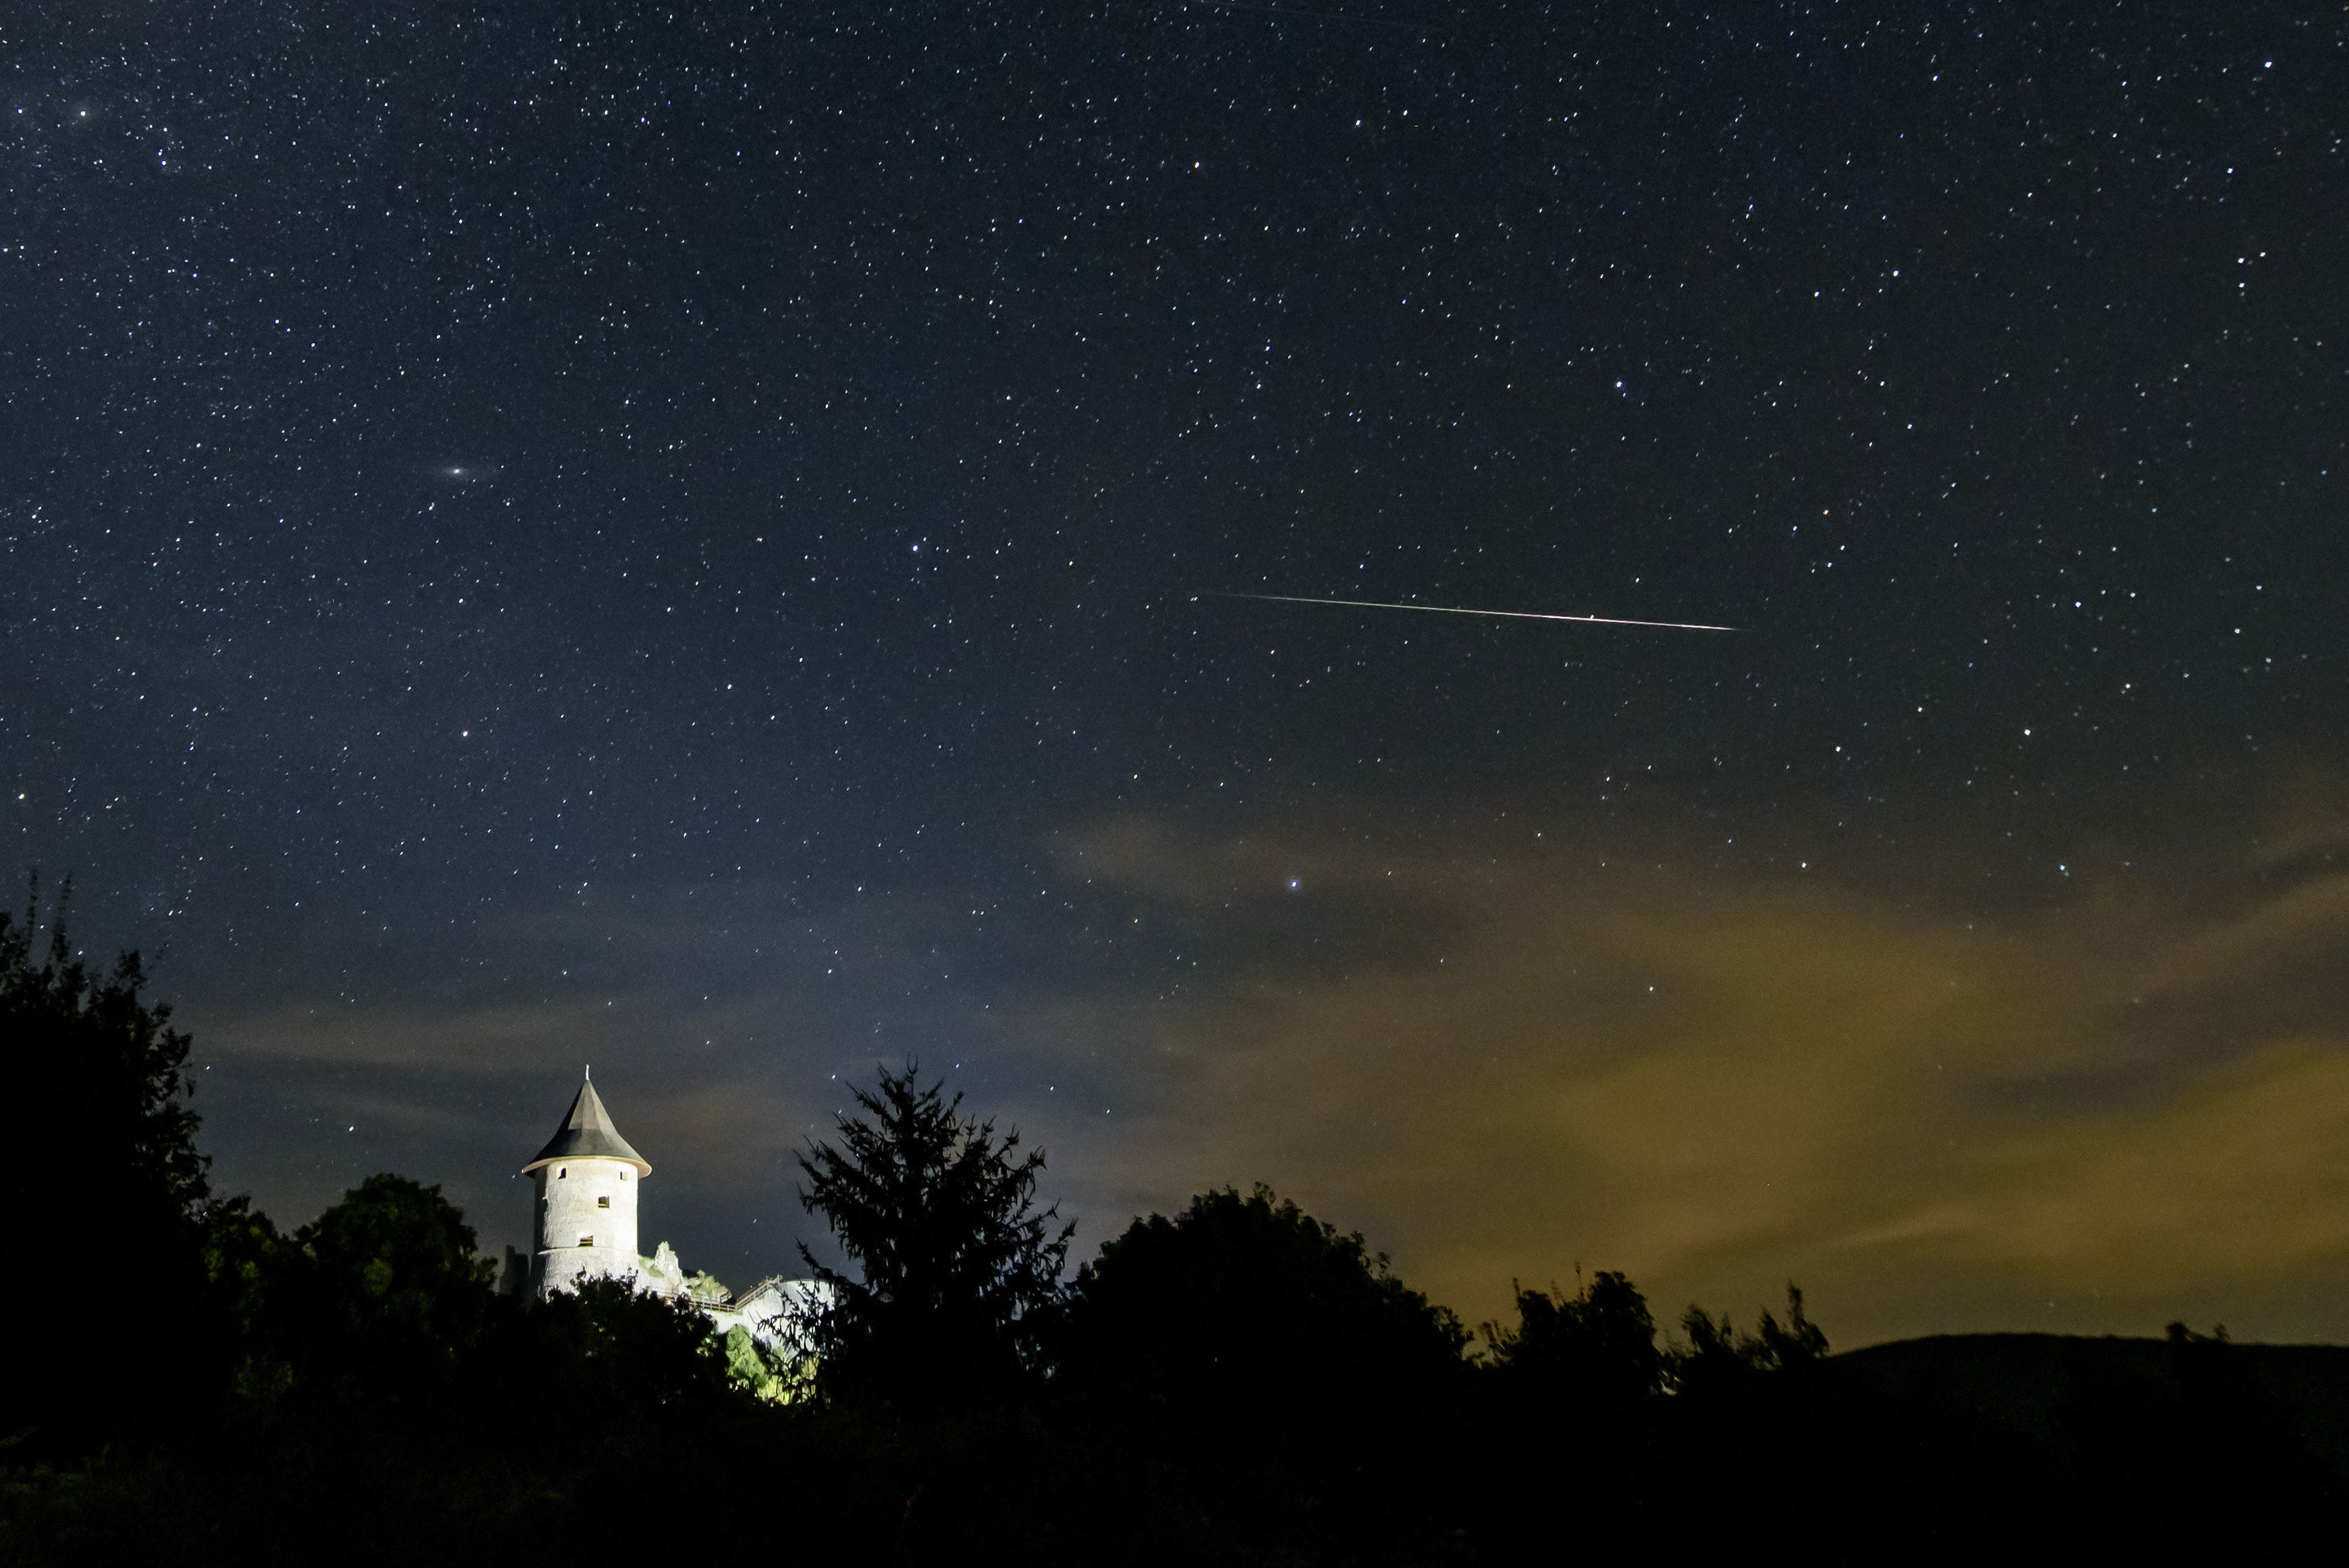 Félelmetes zöld meteor csapódott a Földbe – Azt gondolják, ez egy ufótámadás kezdete